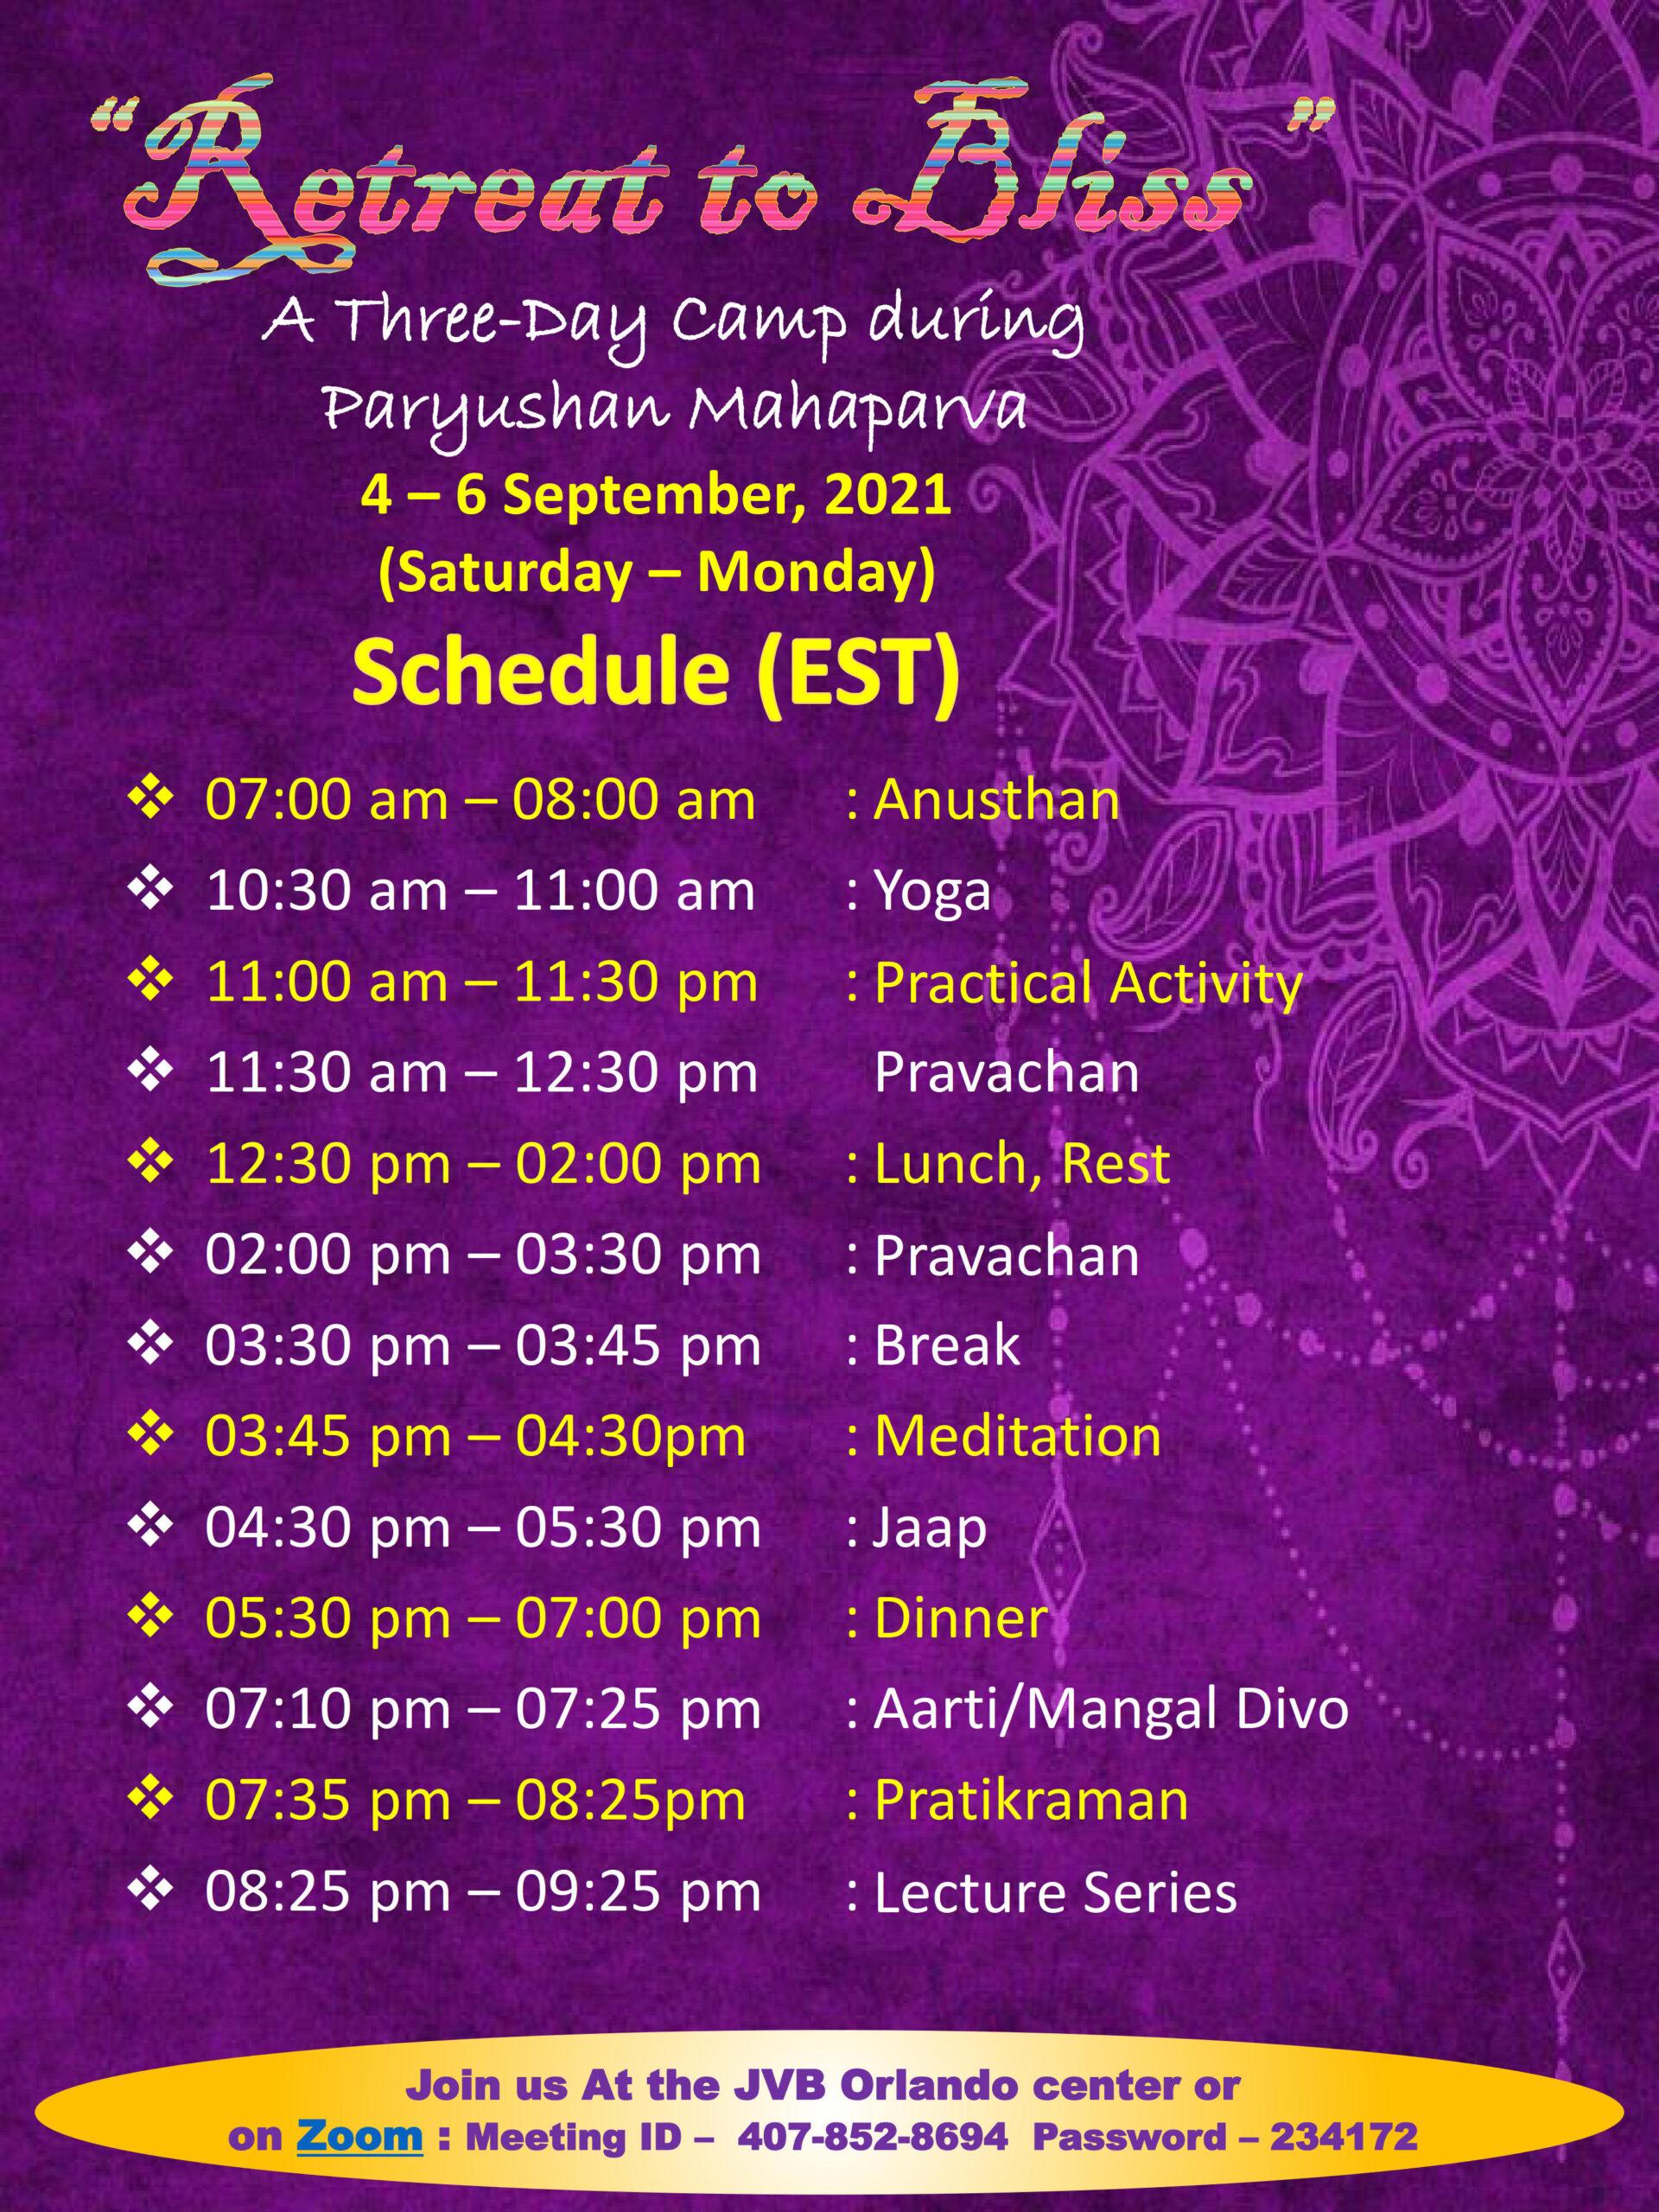 JVB Orlando 2021 Paryushan Mahaparv Program Schedule Sep 4-6